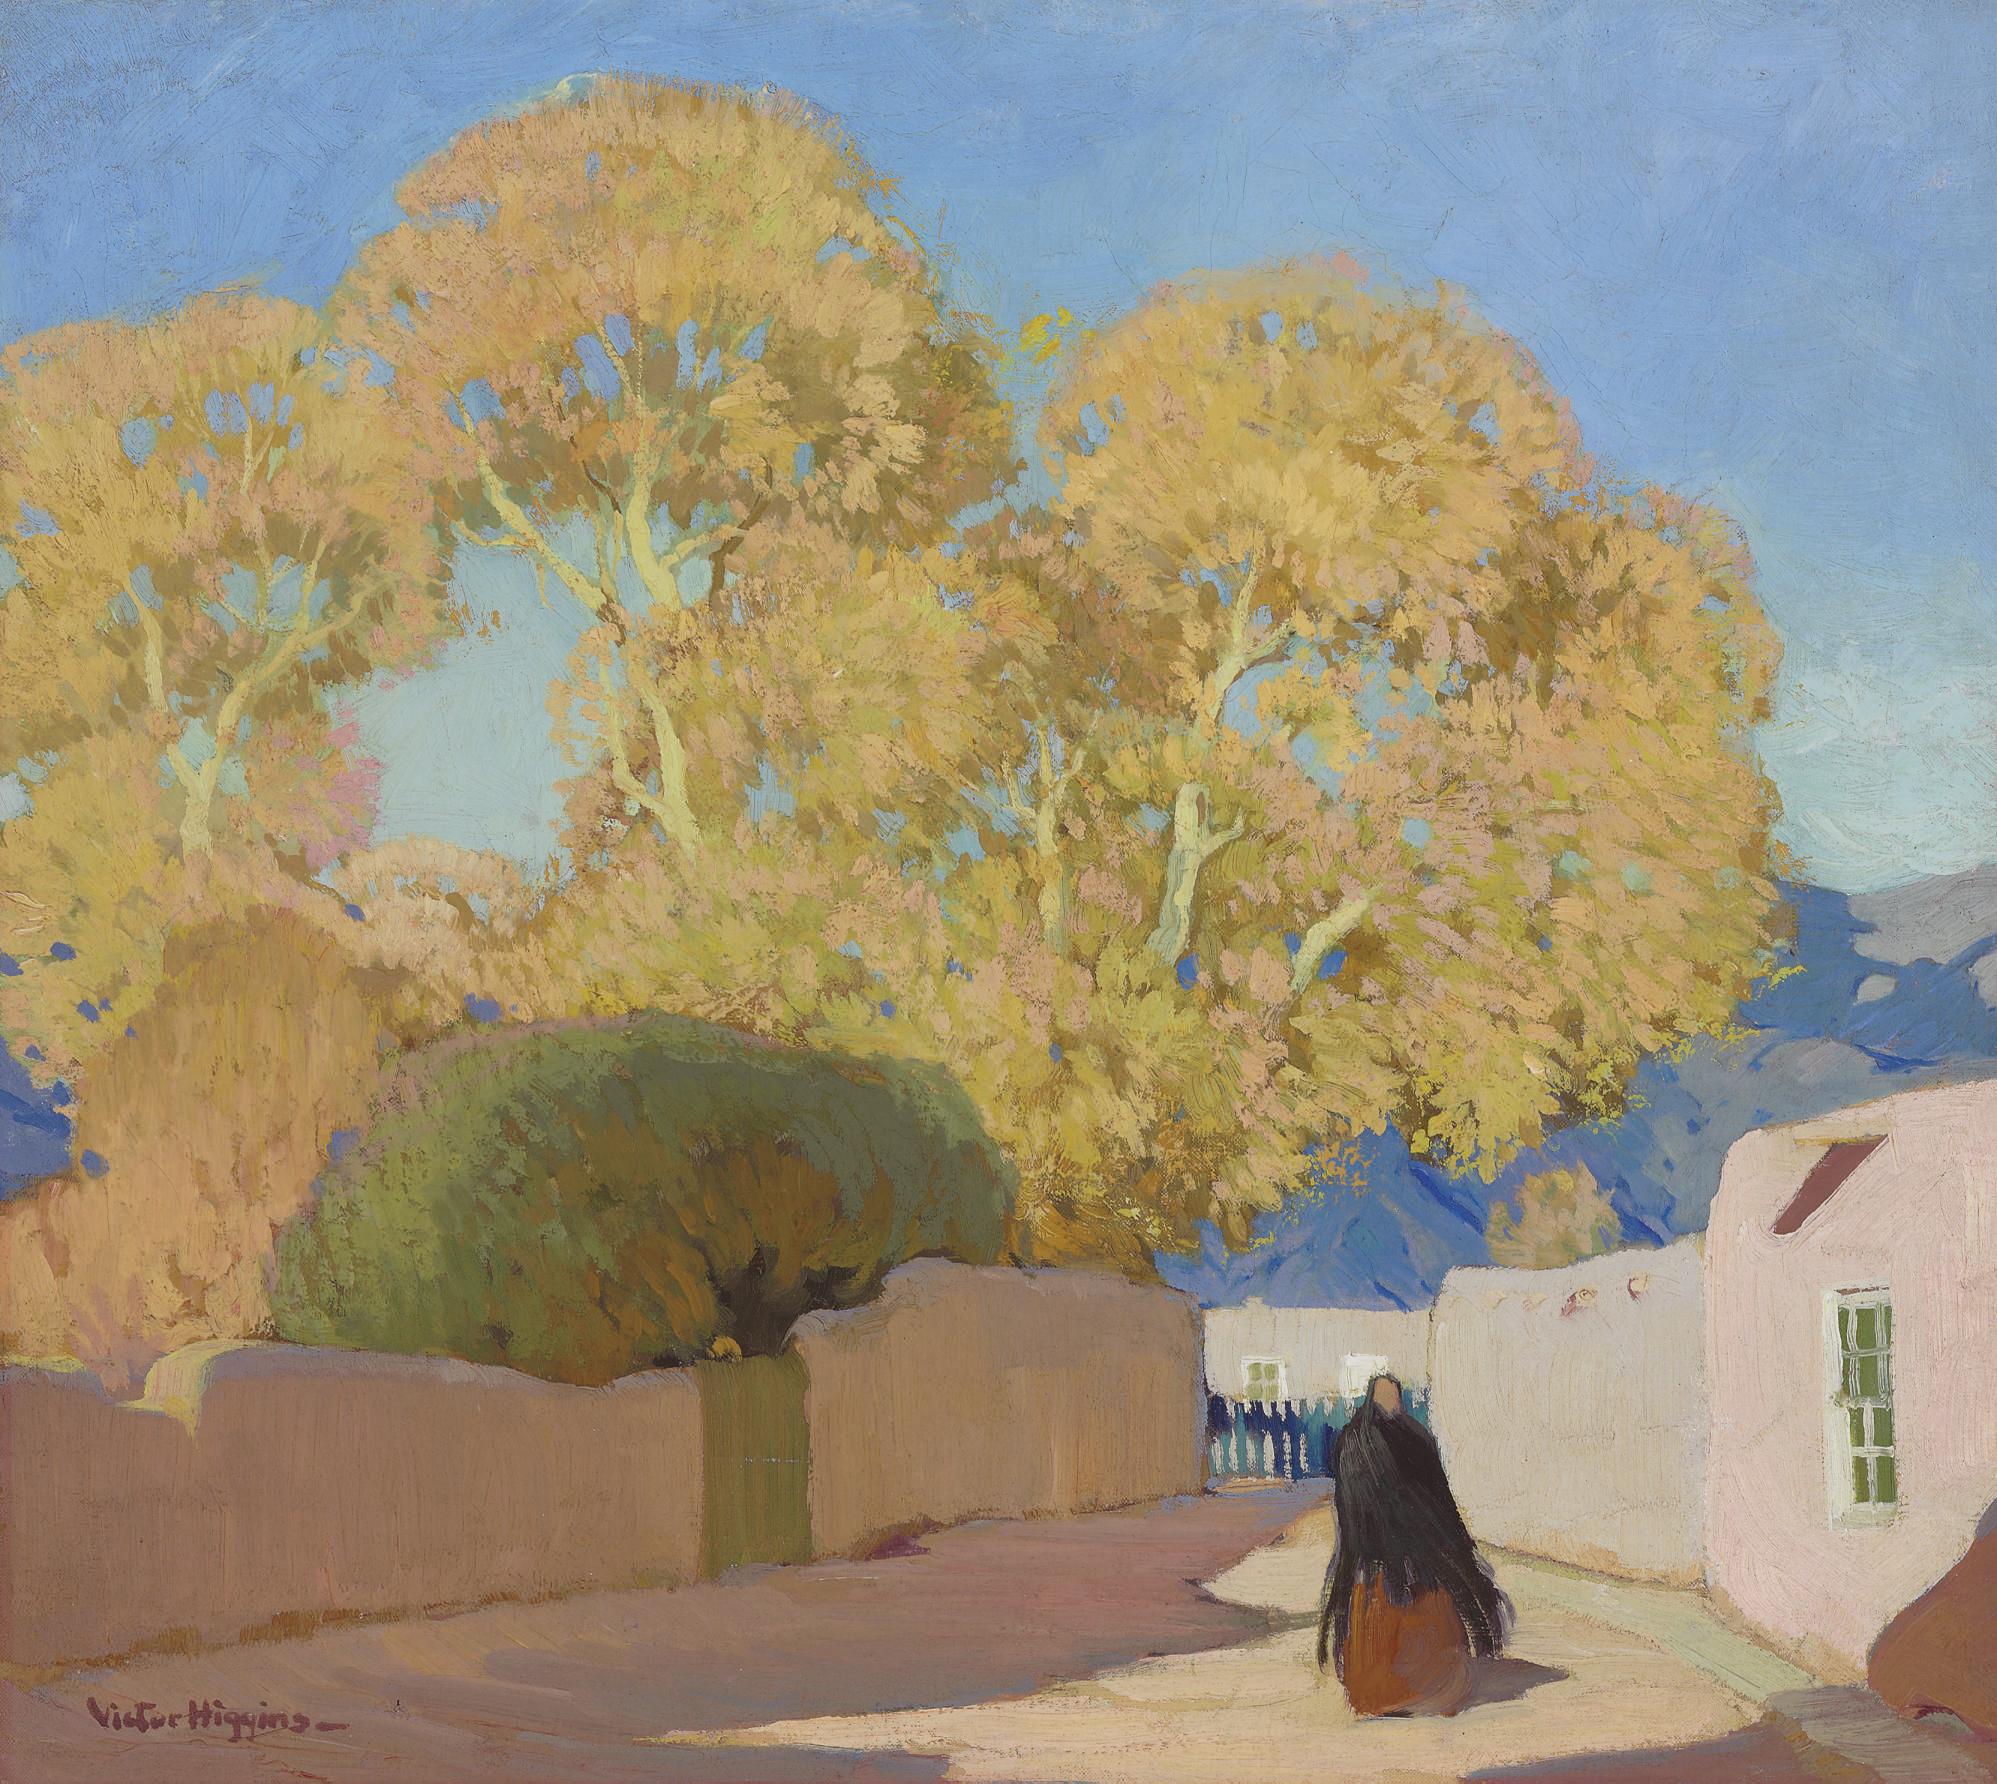 Victor Higgins (1884-1949)